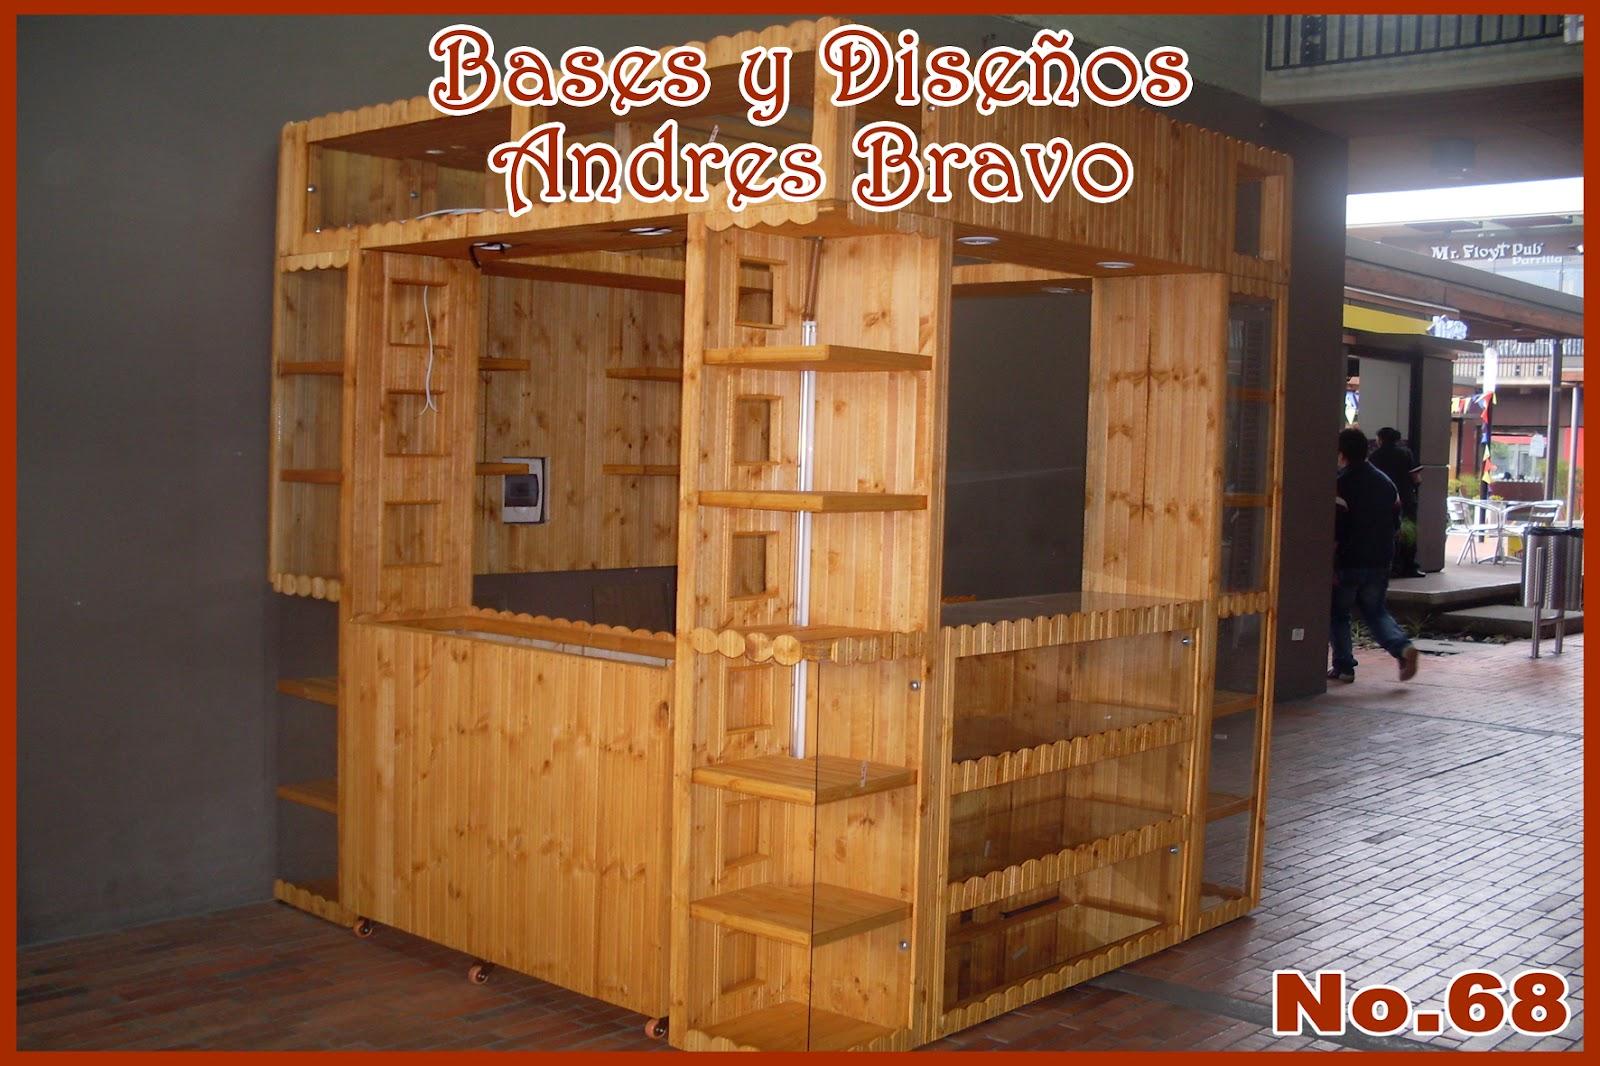 Bases y dise os andres bravo stands y o kioscos for Disenos de kioscos de madera